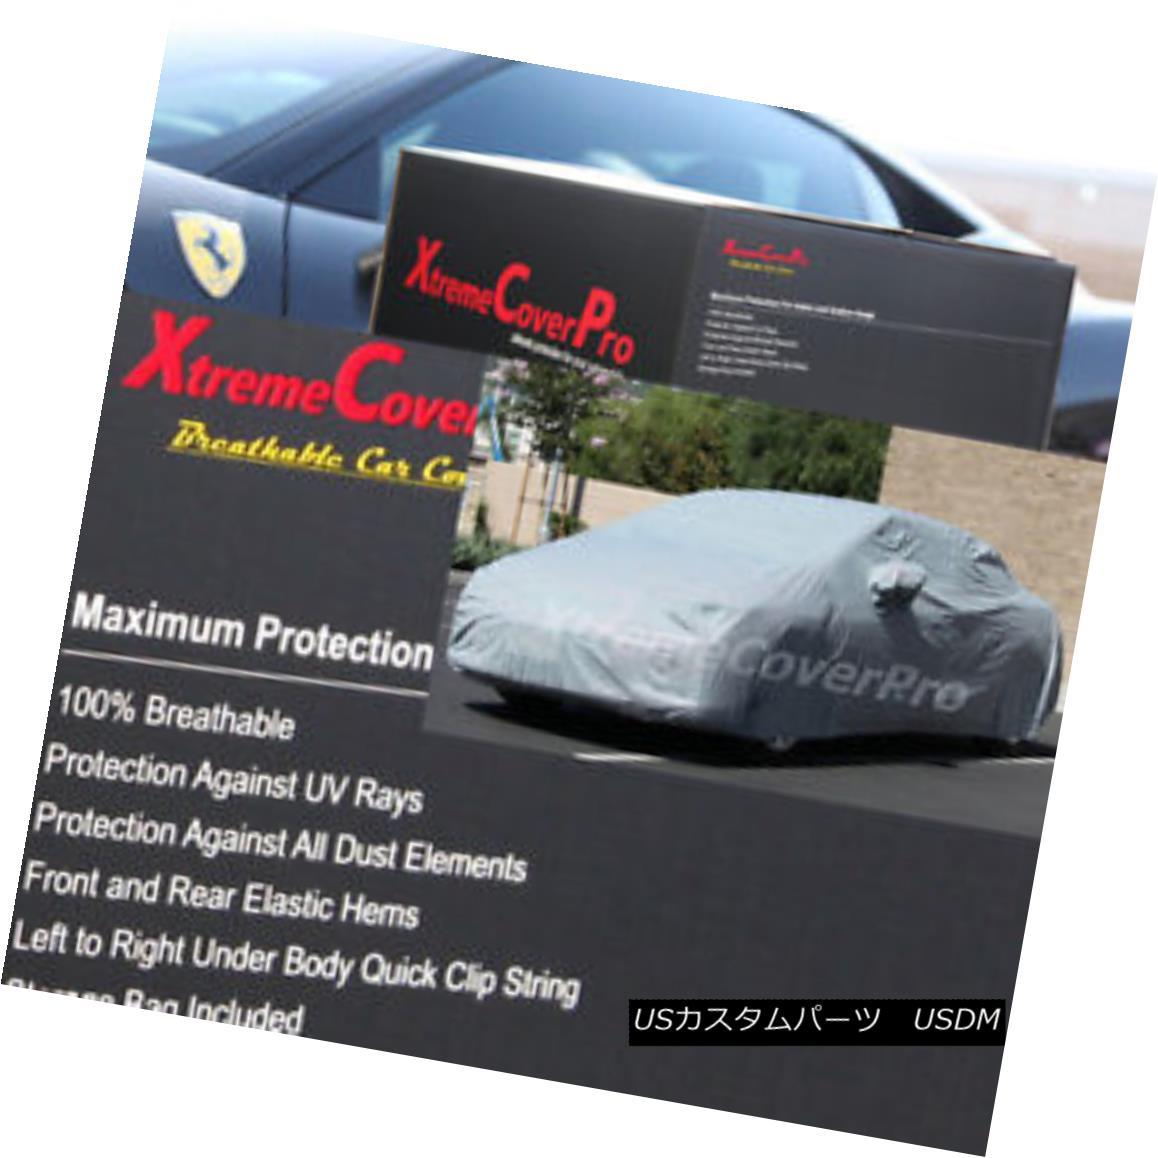 カーカバー 1998 1999 2000 Mercedes SL500 SL600 Breathable Car Cover w/MirrorPocket 1998 1999 2000 Mercedes SL500 SL600通気性車カバー付きMirrorPocket